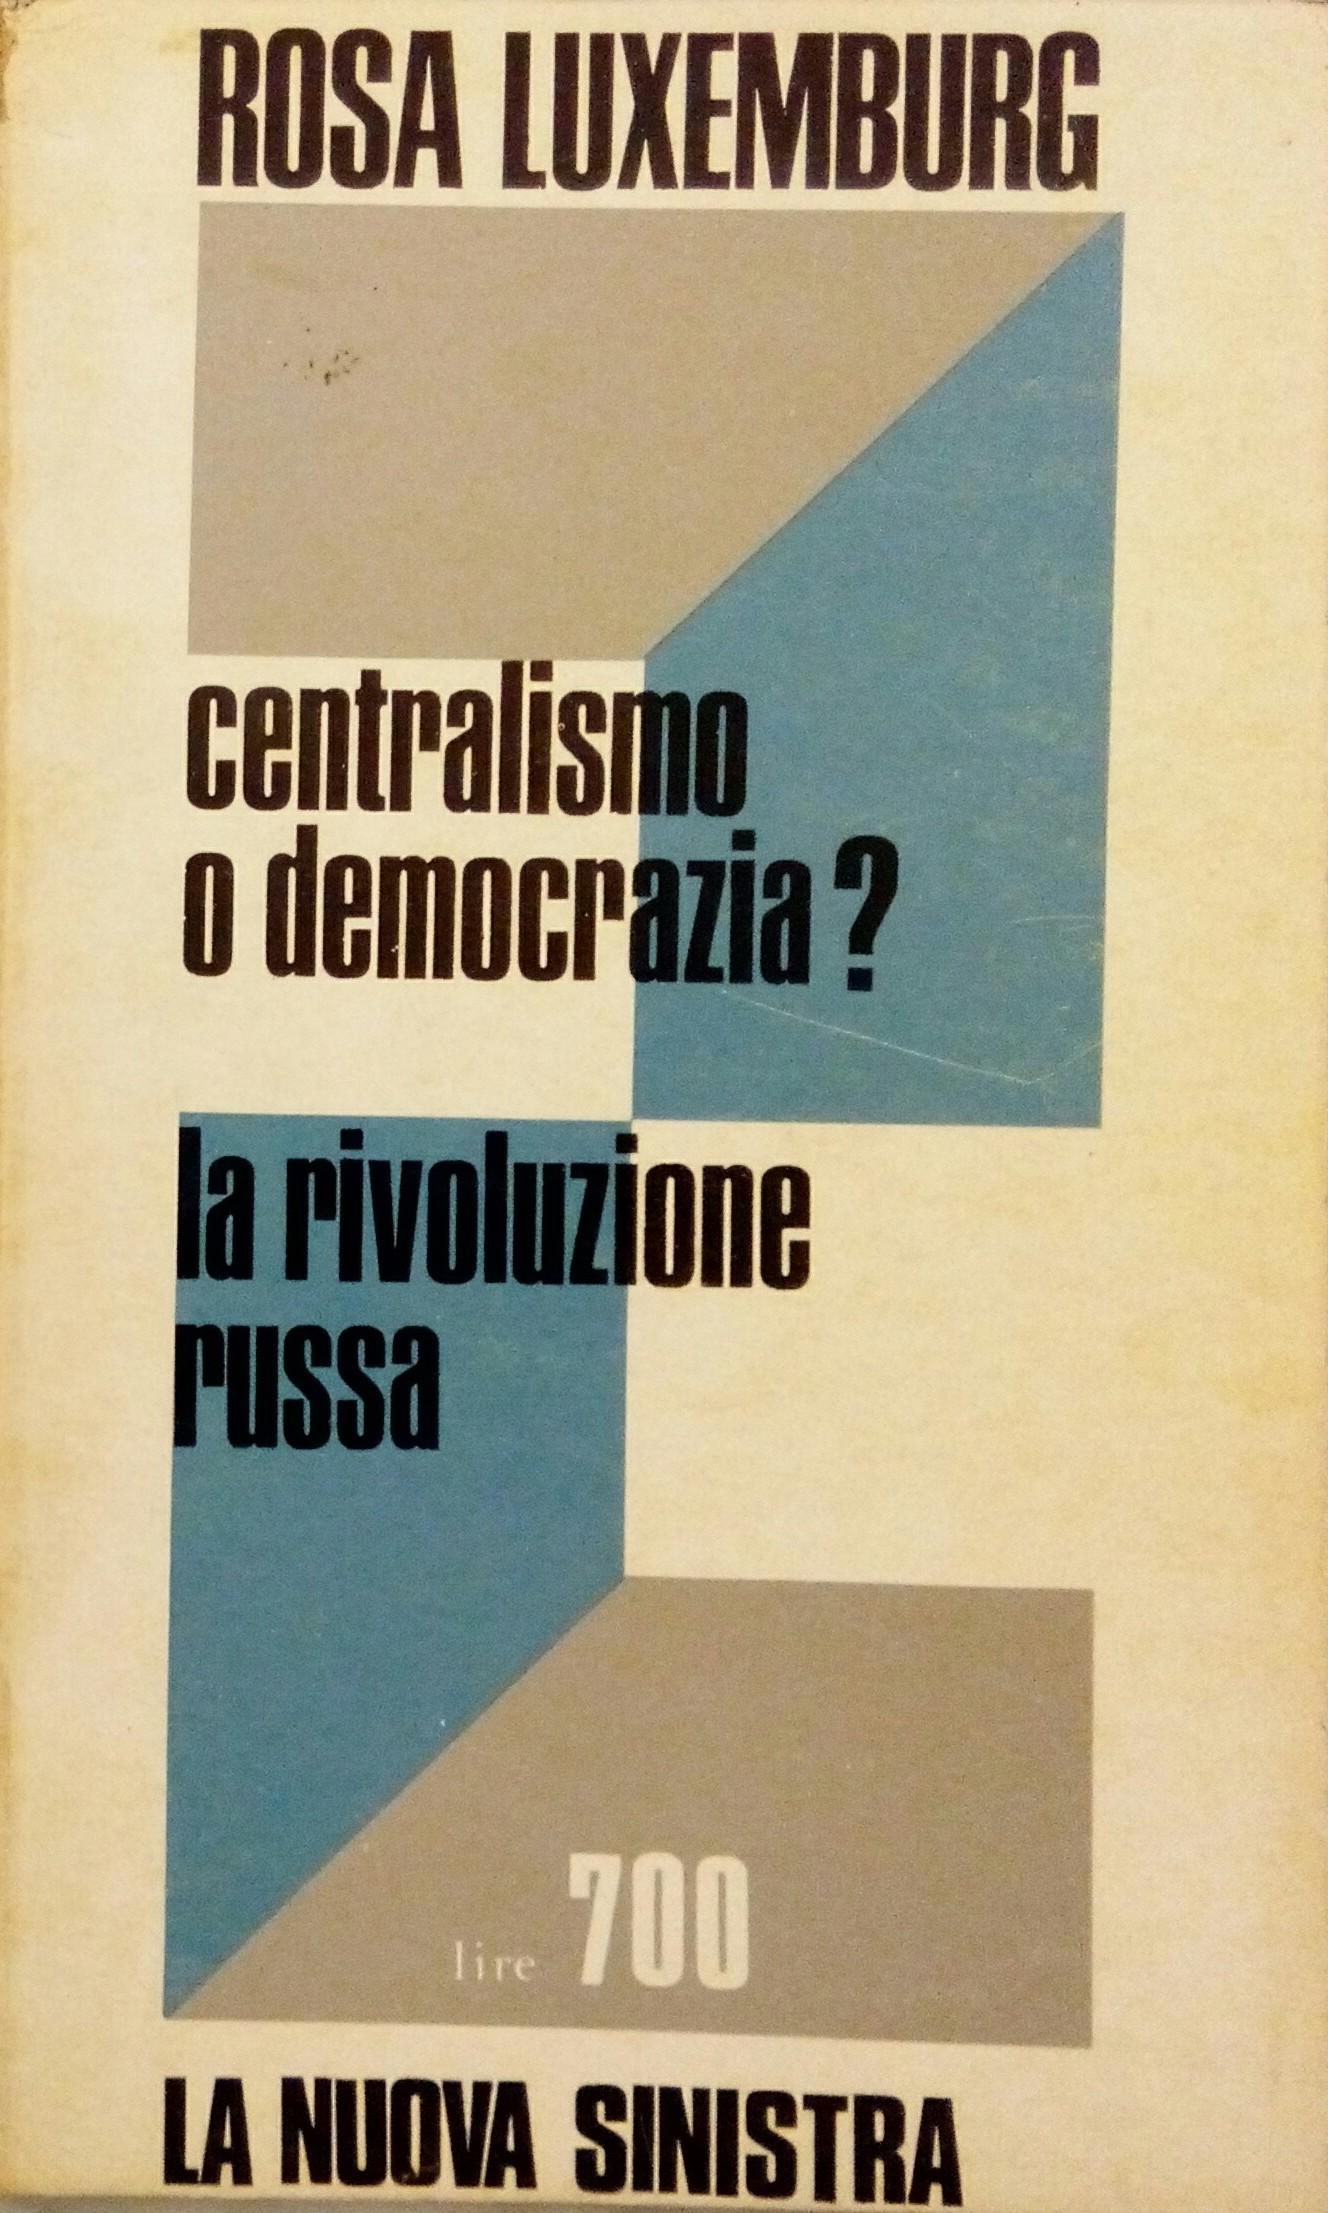 Centralismo o democrazia?